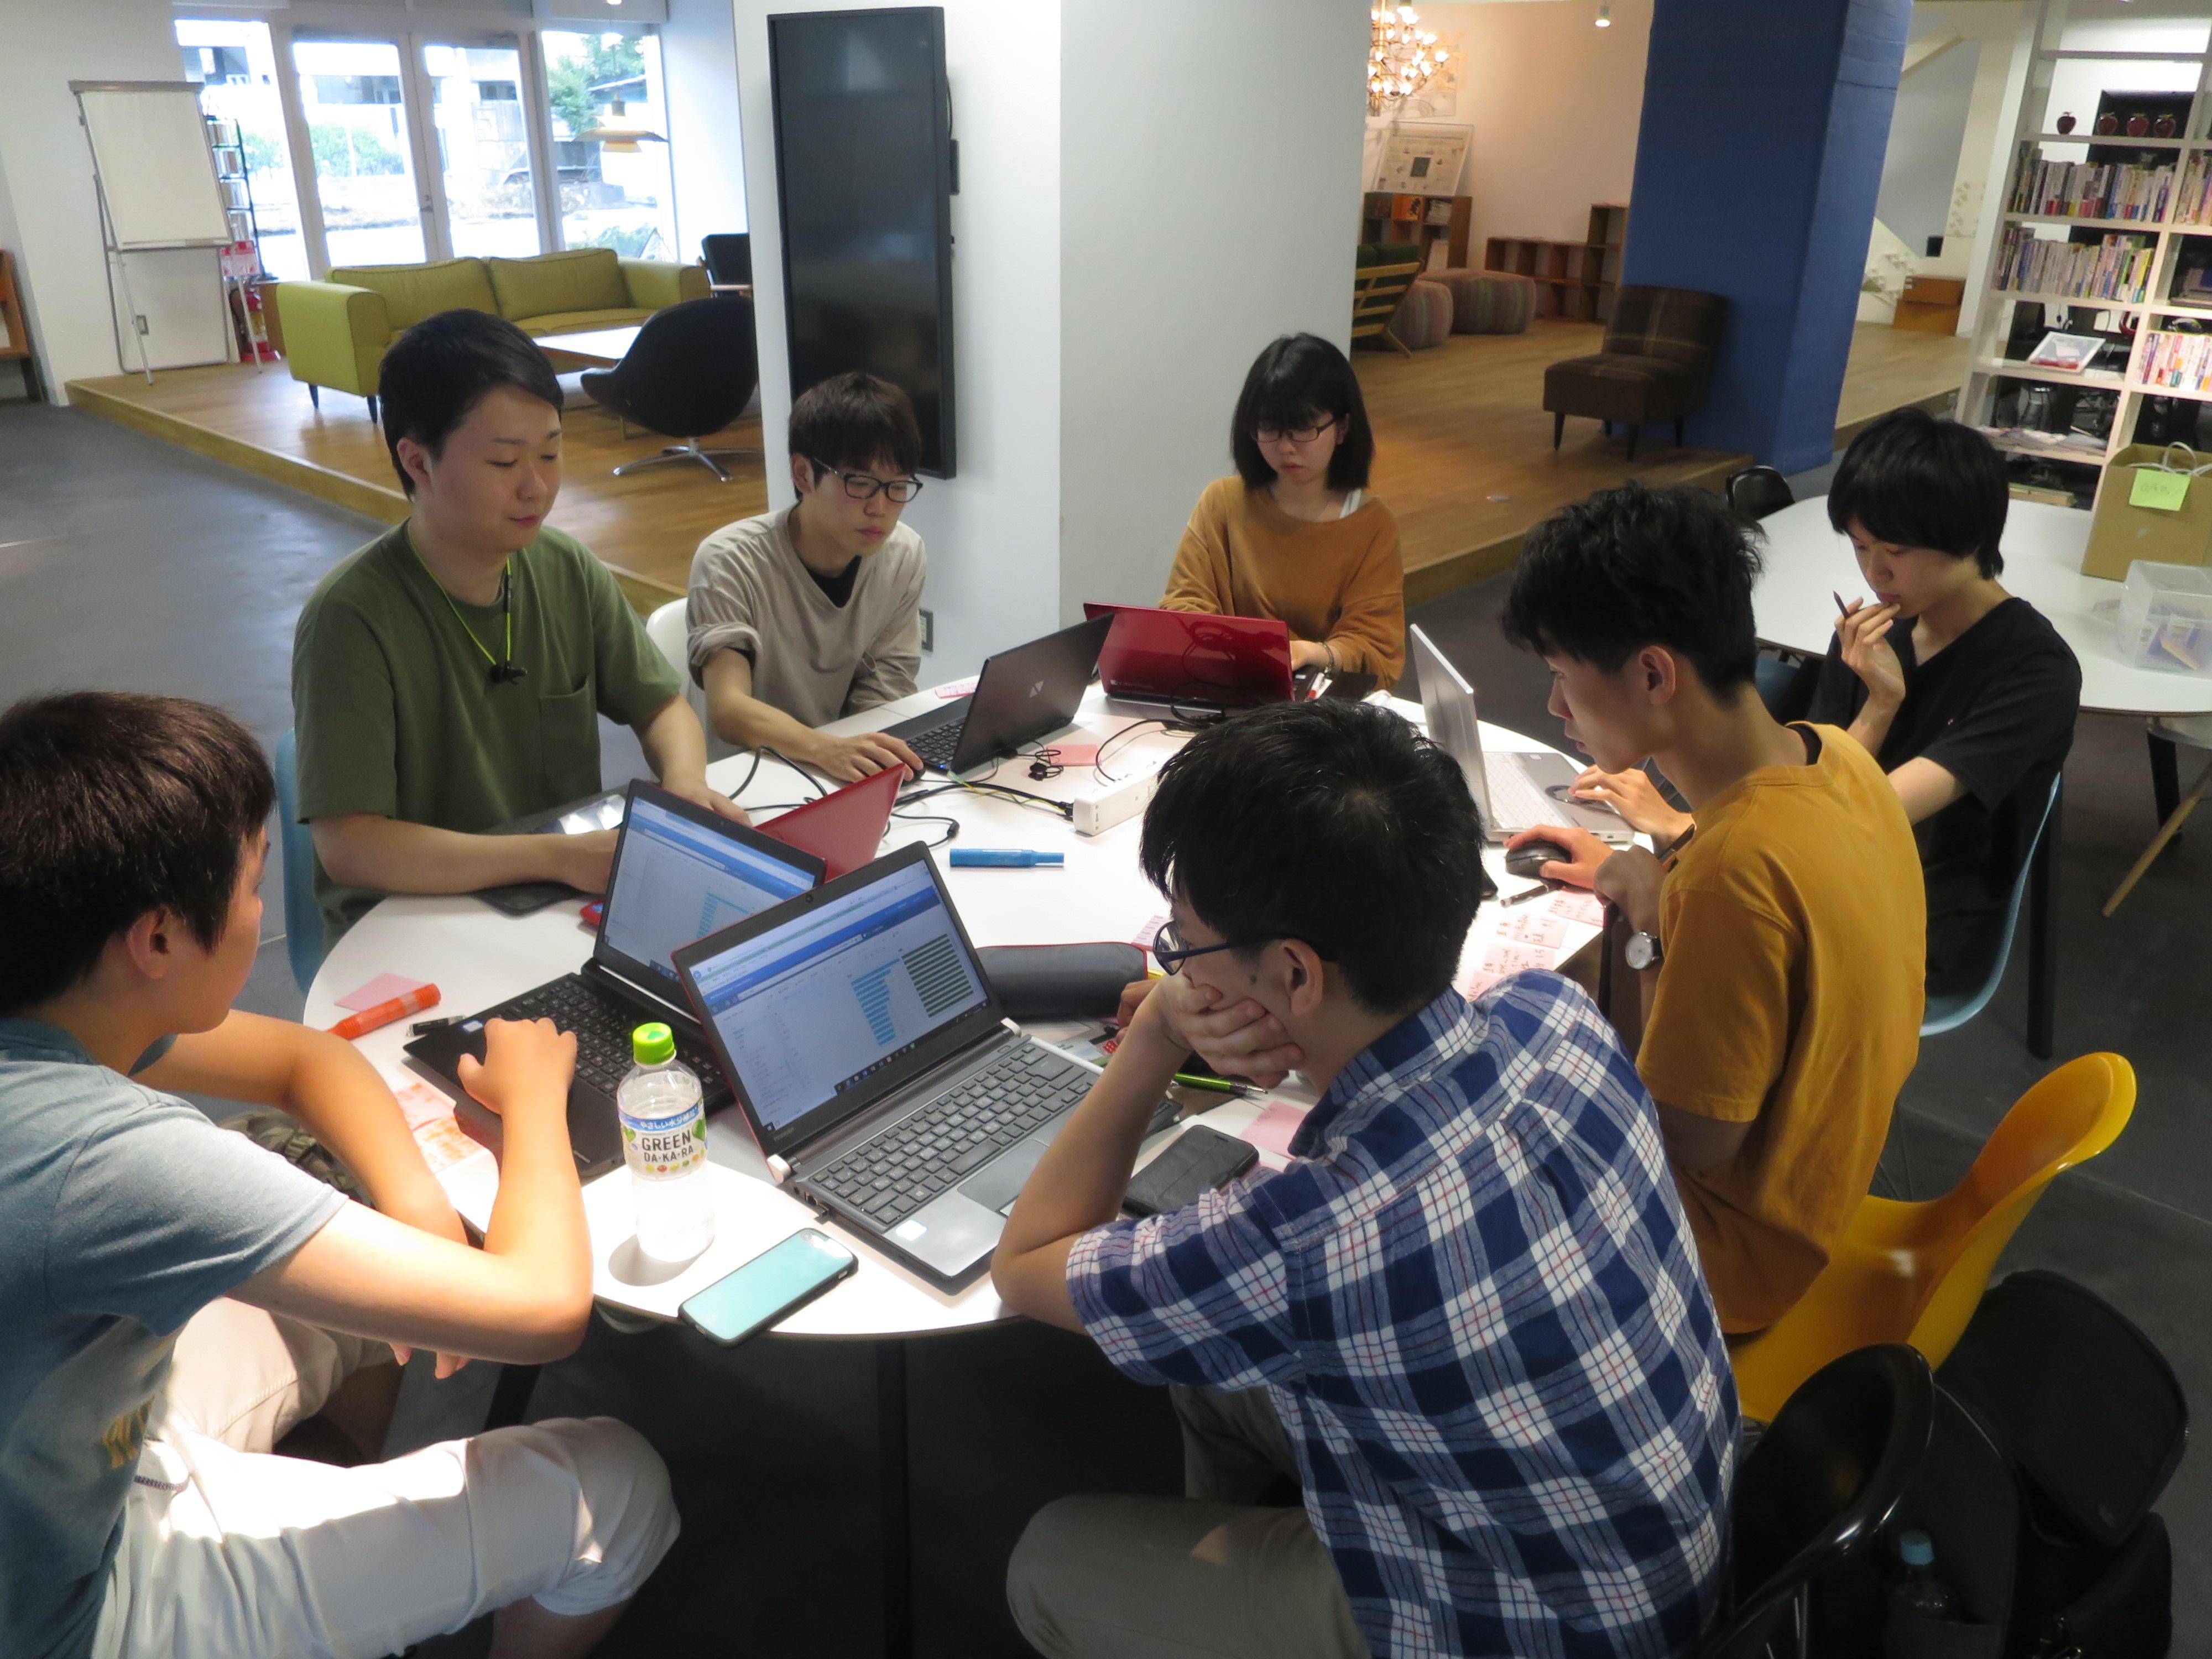 提供されたデータを元に、学生が企業にAIモデルを提案。金沢工業大学AIデザインプロジェクトが成果発表会を開催